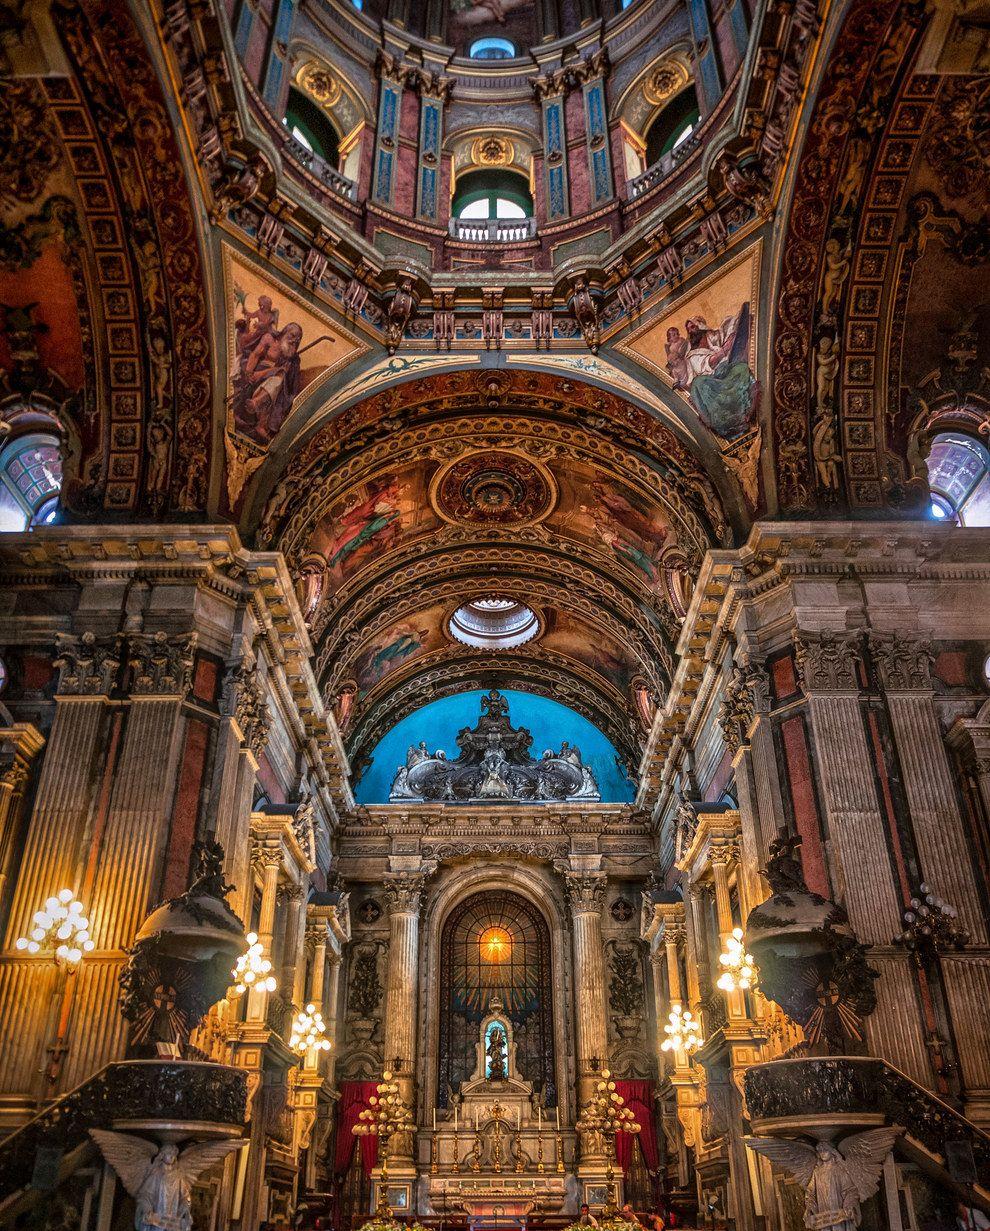 Pin De Jeanna Em Feels Like Brazil Igreja Ortodoxa Rio De Janeiro Nossa Senhora Da Candelaria